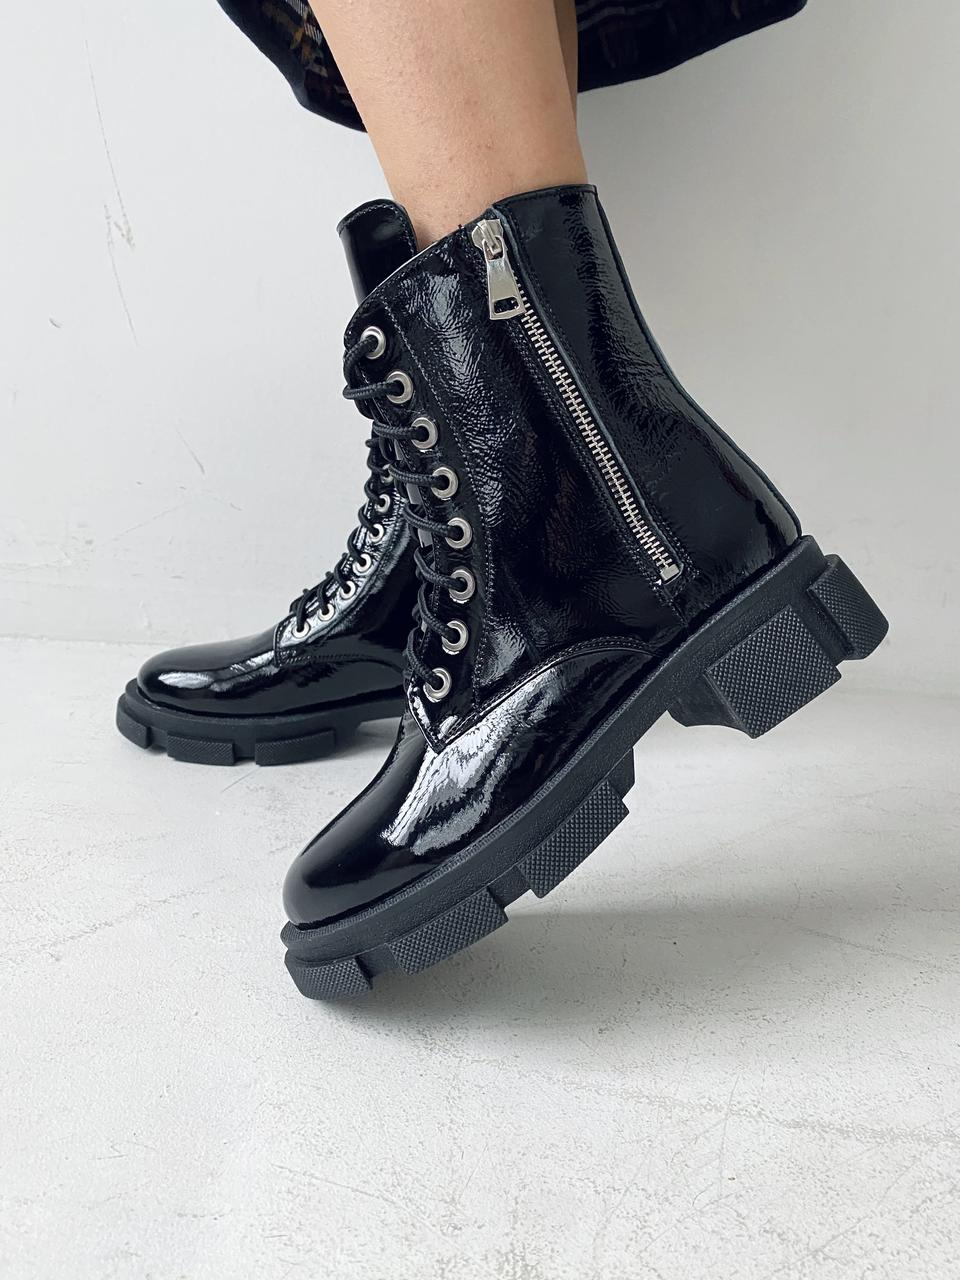 Женские ботинки кожаные весна/осень черные-лак Yuves 129 байка